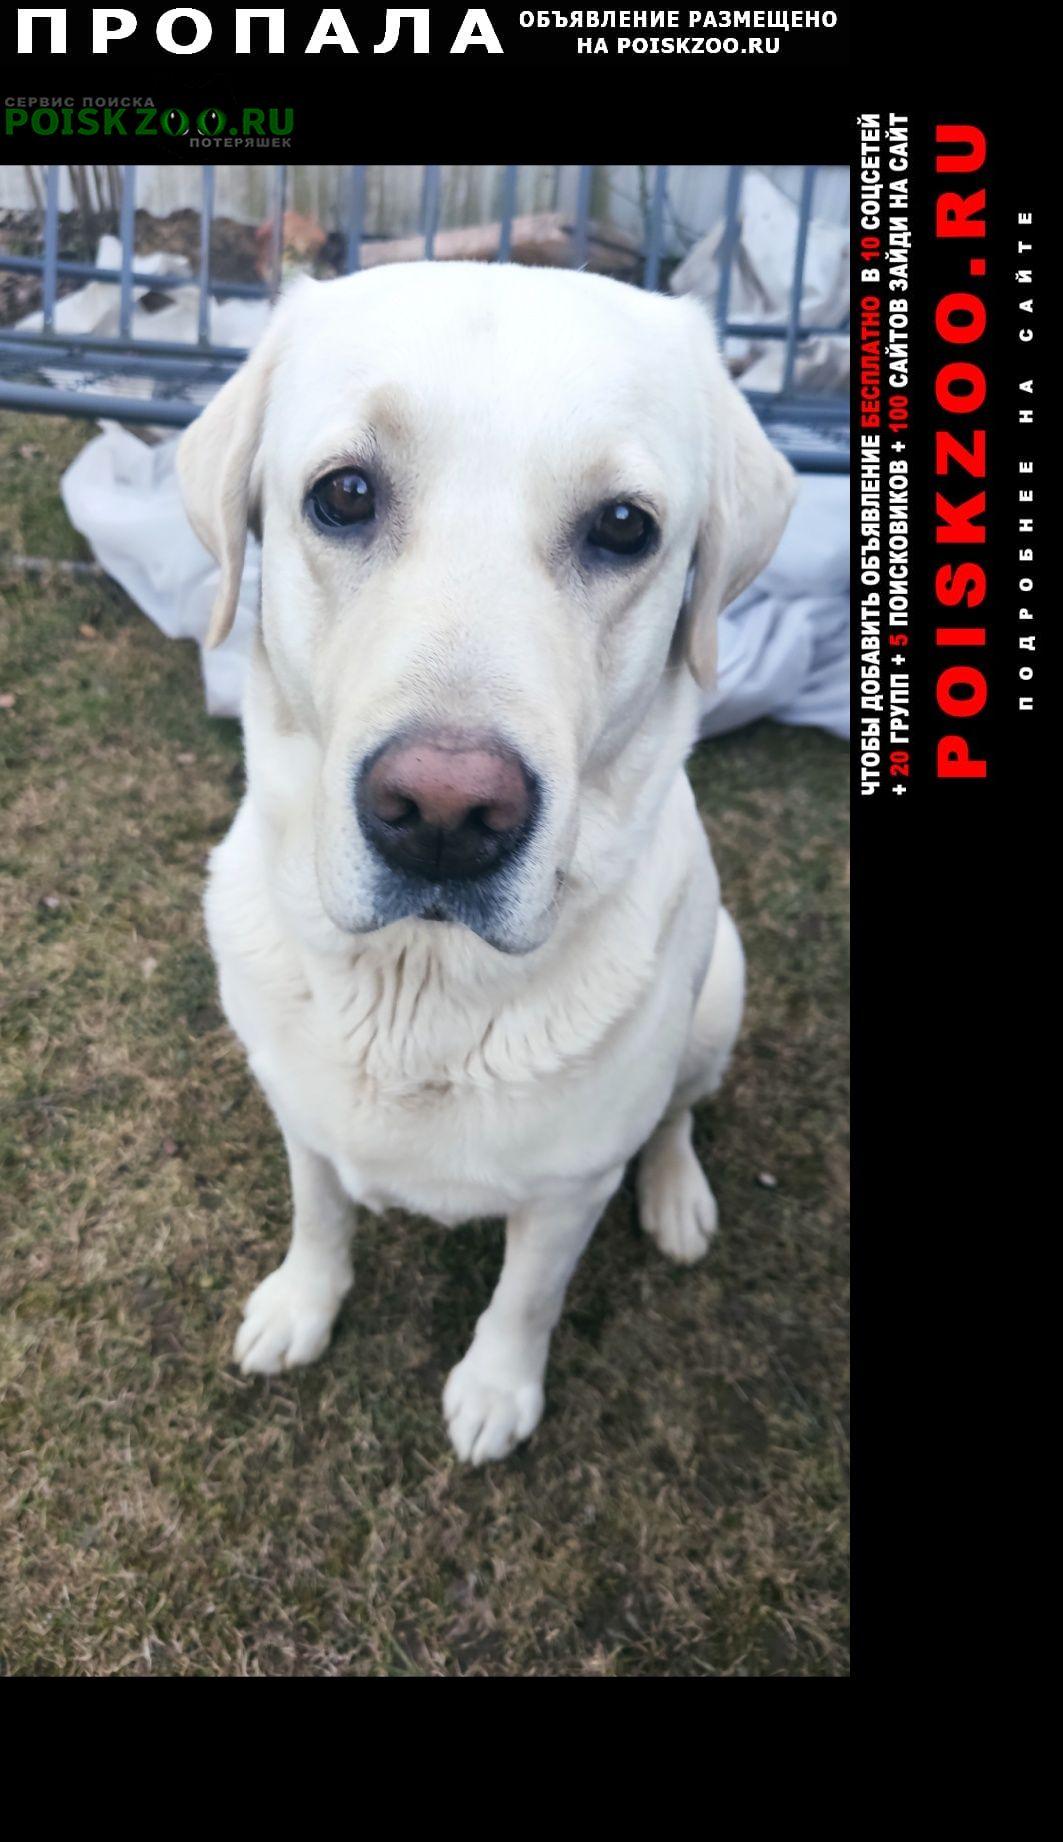 Пропала собака кобель белый лабрадор Солнечногорск